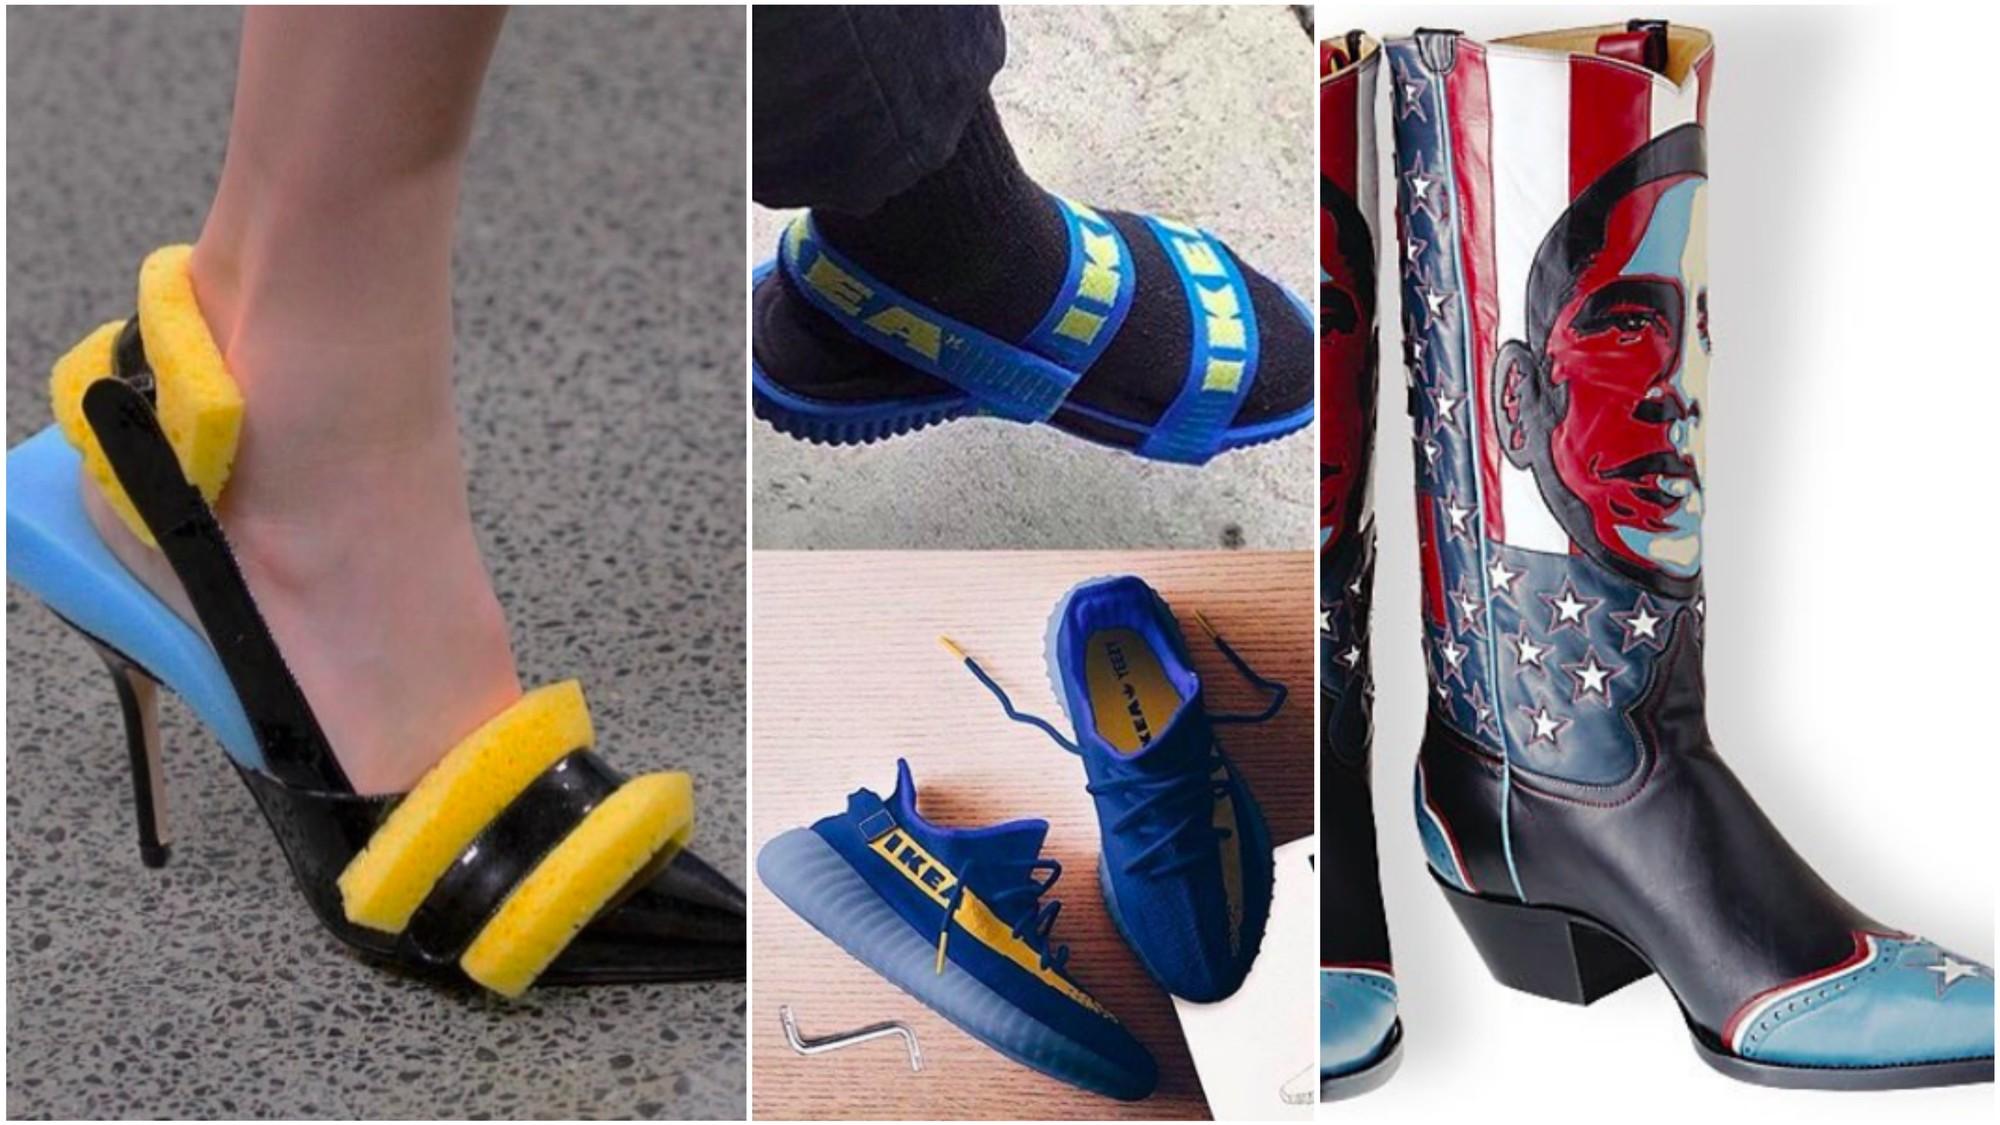 Plus Créées Par Chaussures Sont Sur Jamais L'homme Les Moches hQxrtsdC